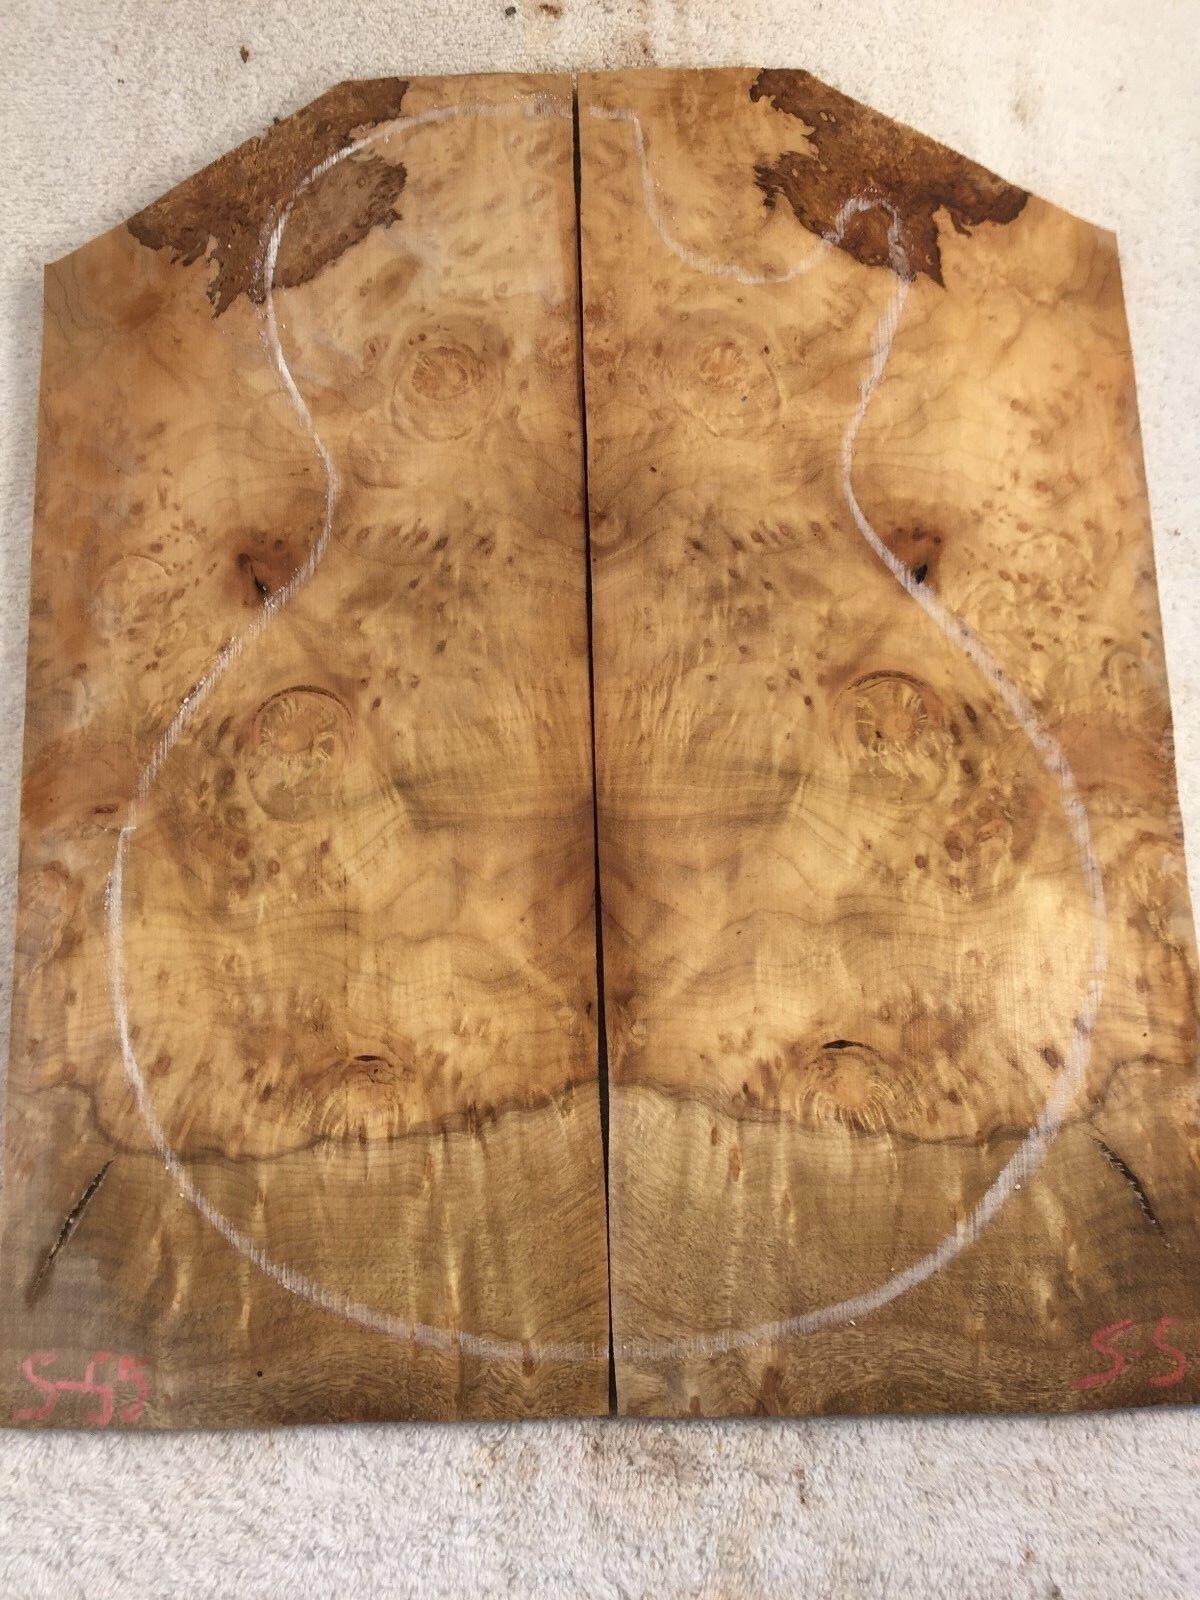 Myrtle Burl book match set luthier guitar tone wood .33 x 15.5 x 18.75    S-55